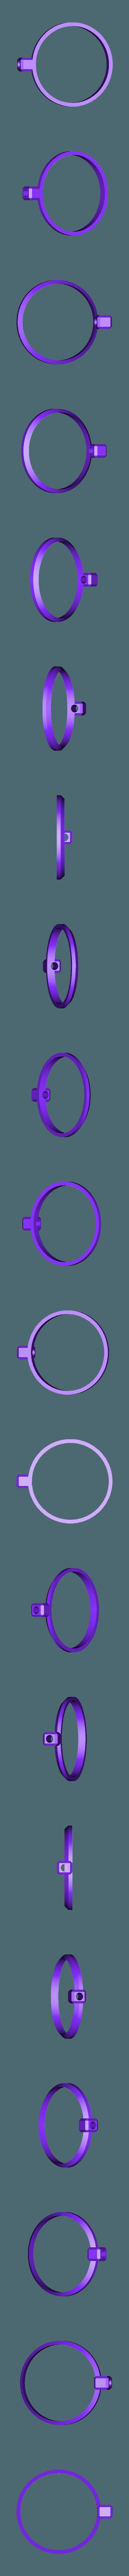 Retort_Ring_100mm.stl Télécharger fichier STL gratuit Kit de supports, de pinces et d'équipement • Modèle pour impression 3D, TinkersProjects